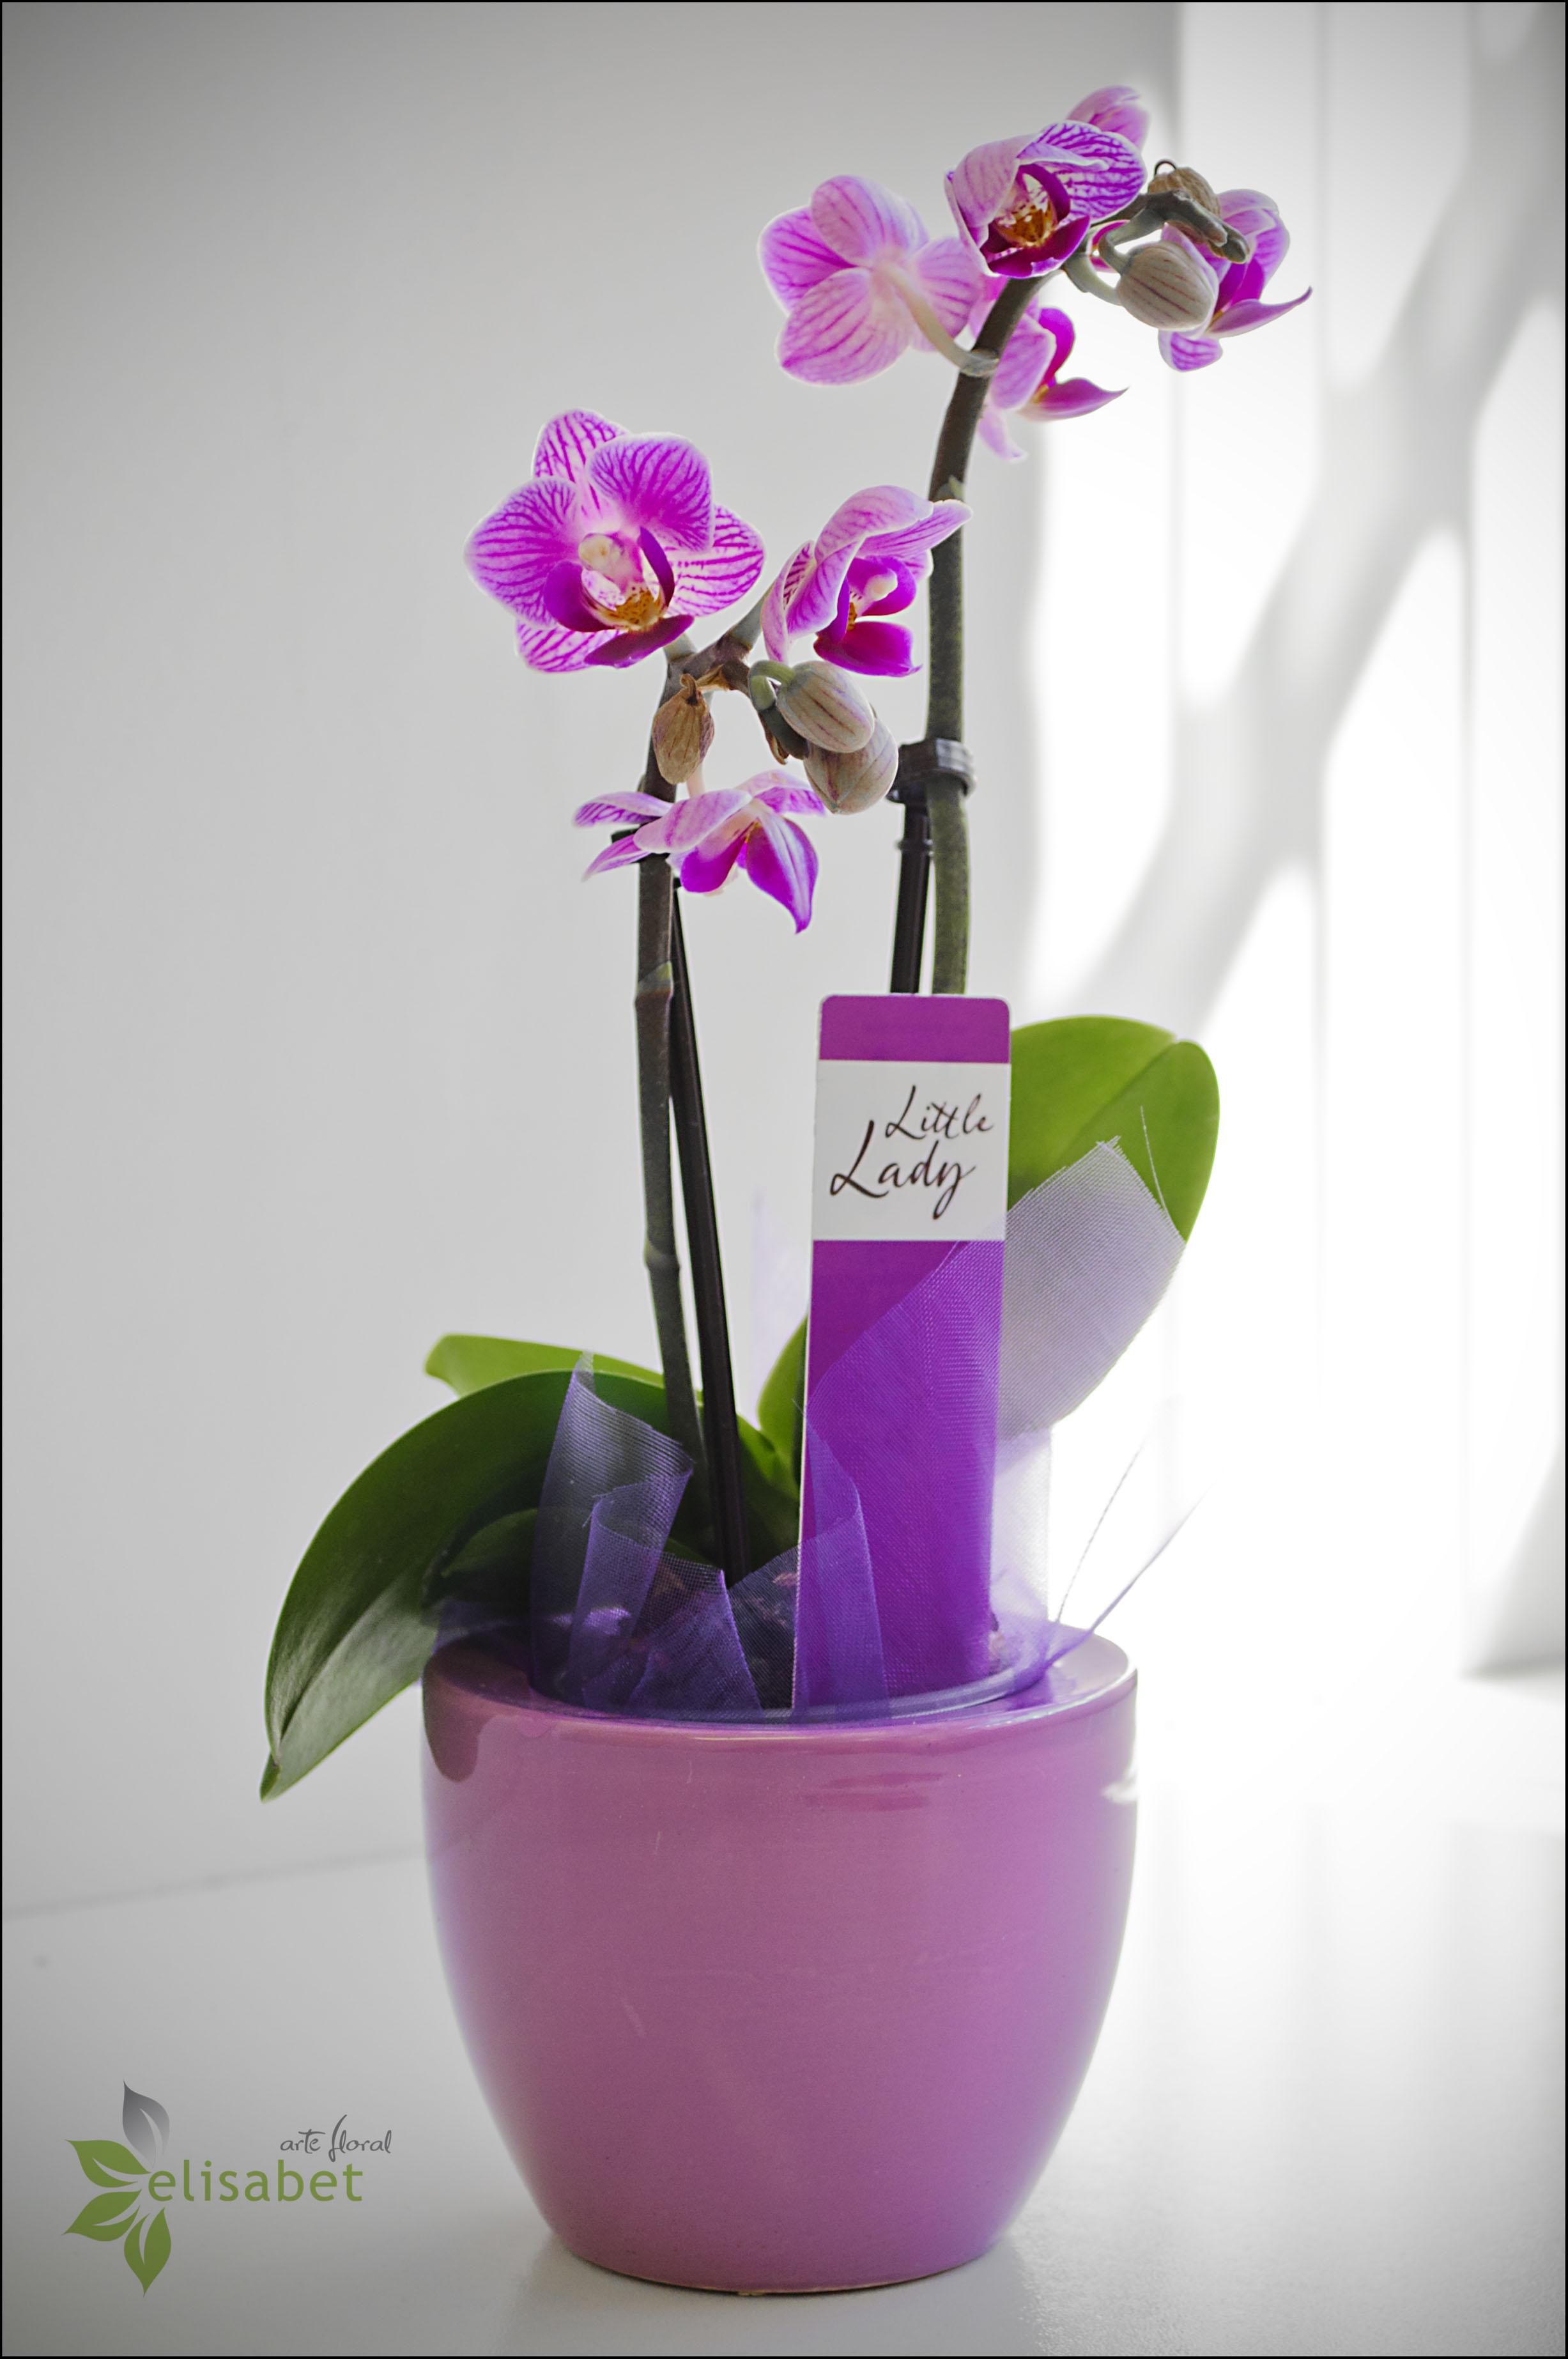 Cuidados Para Orquideas Beautiful Orquidea With Cuidados Para